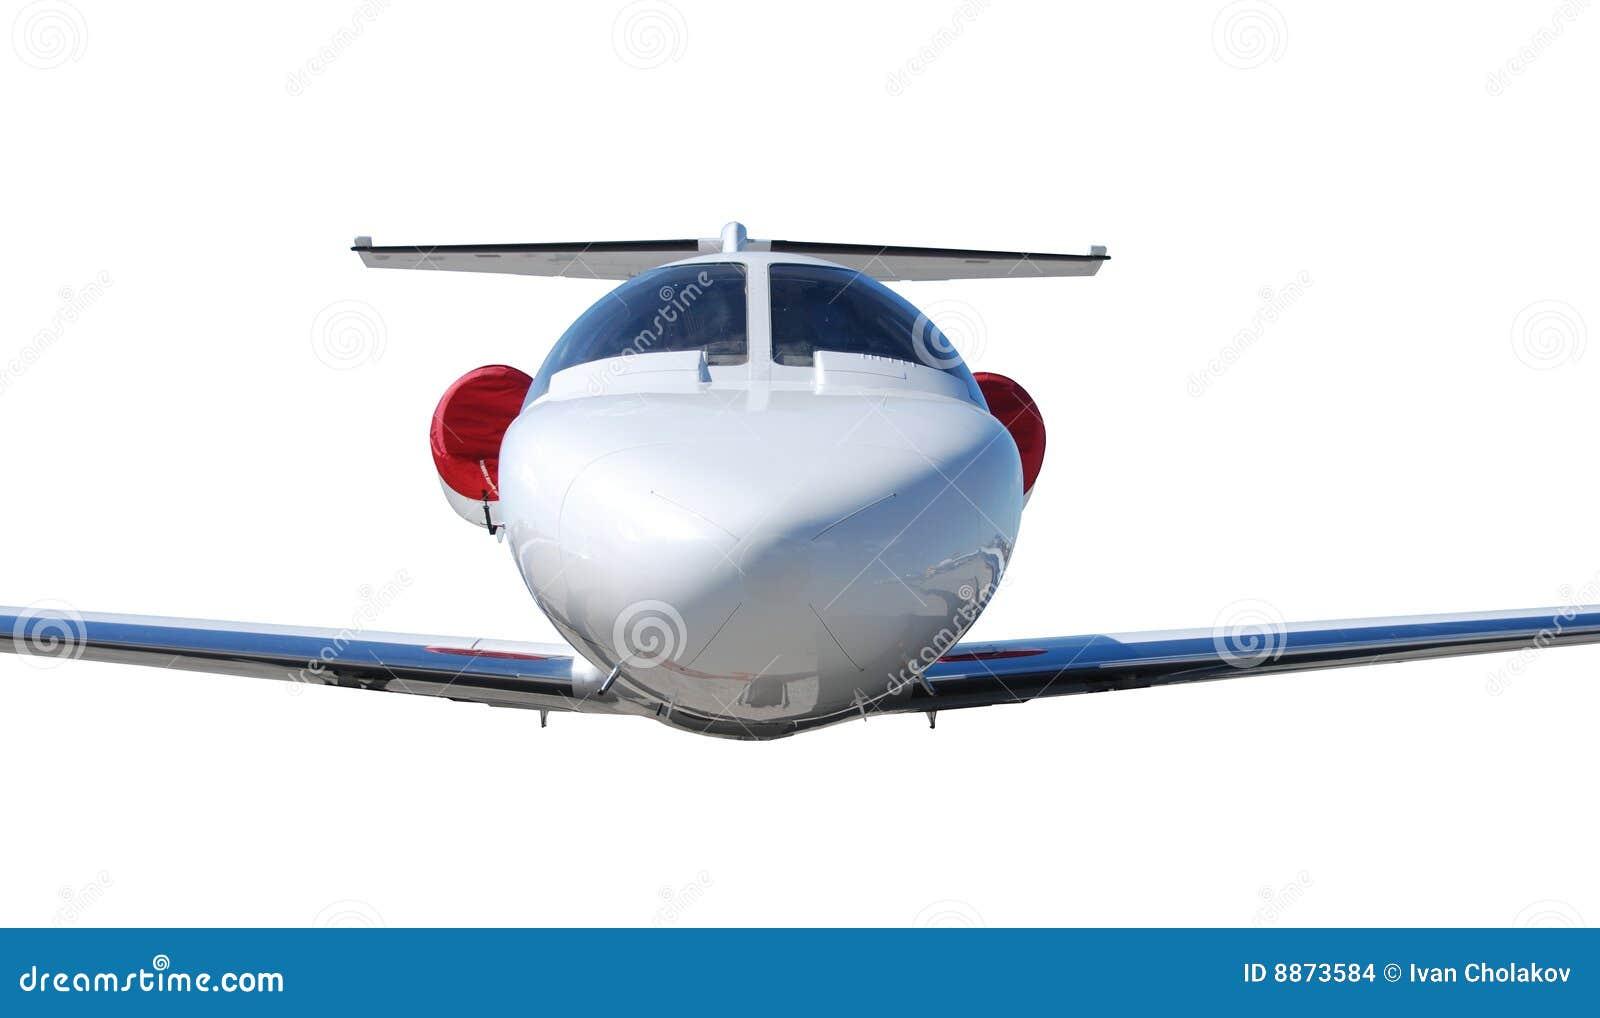 Jet Privato Lusso : Jet privato immagini stock immagine